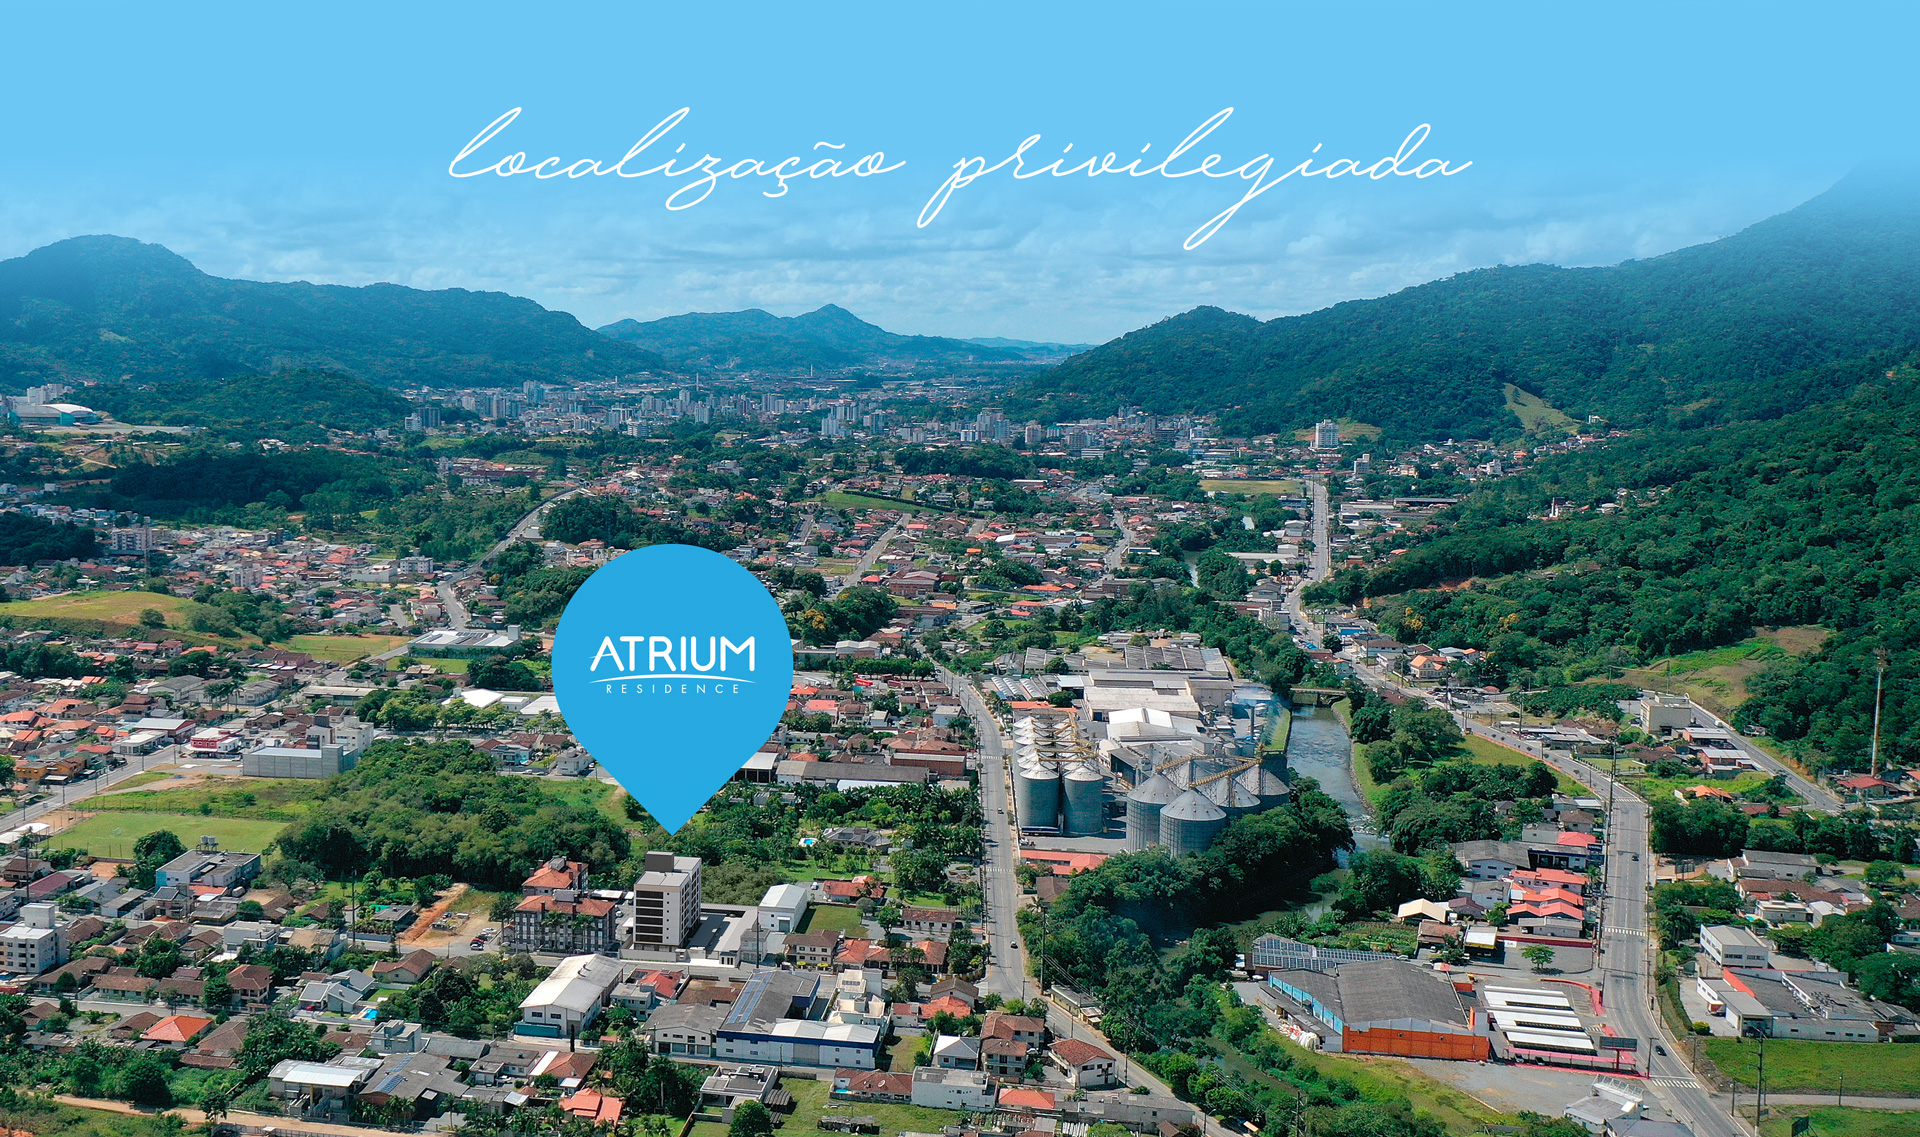 Atrium-Empreendimento-localizacao-02